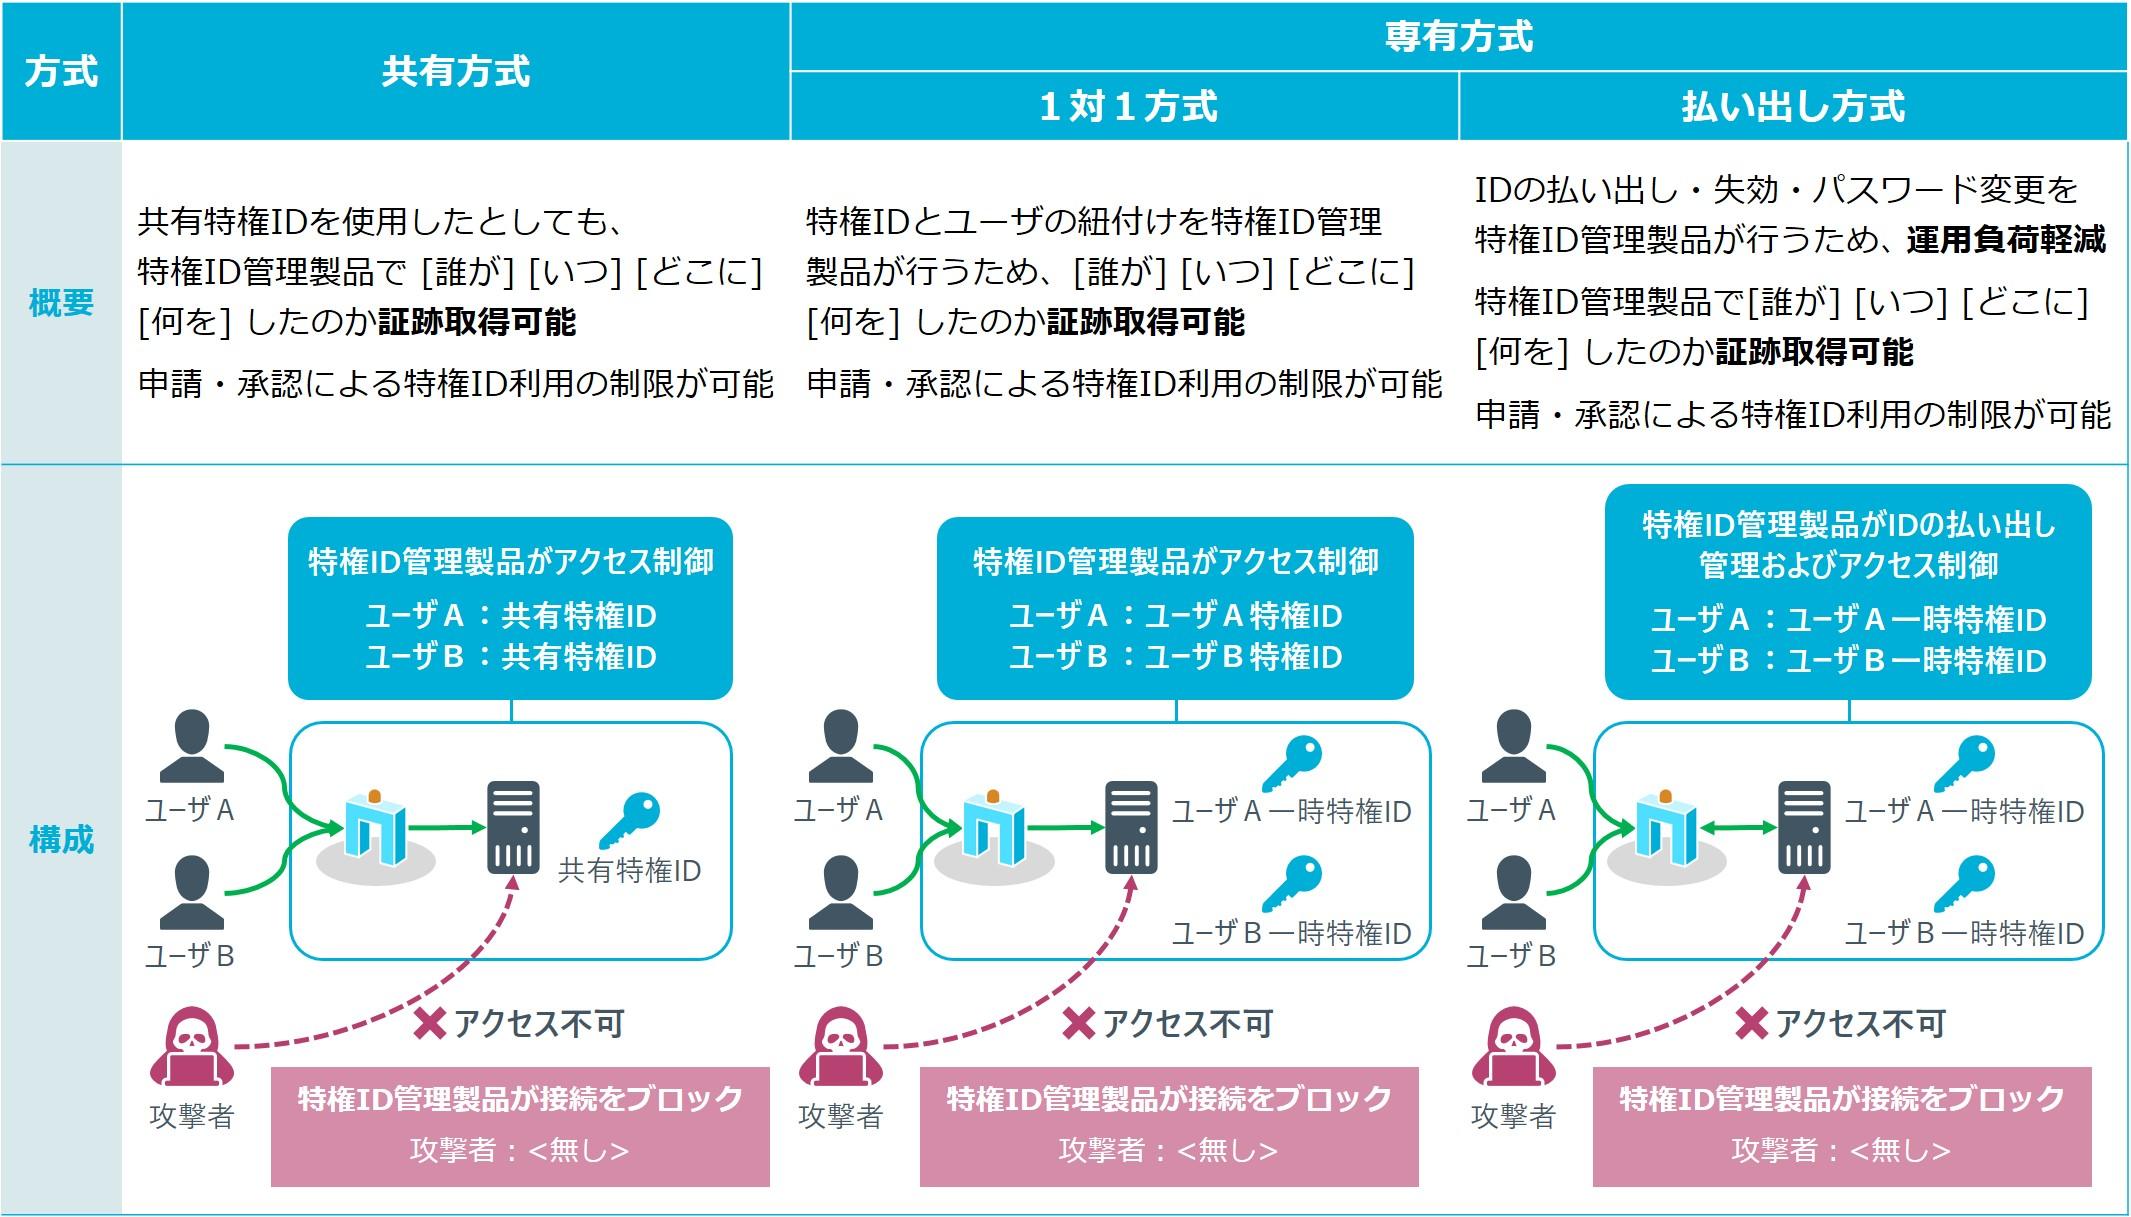 図4_特権ID管理製品の適用